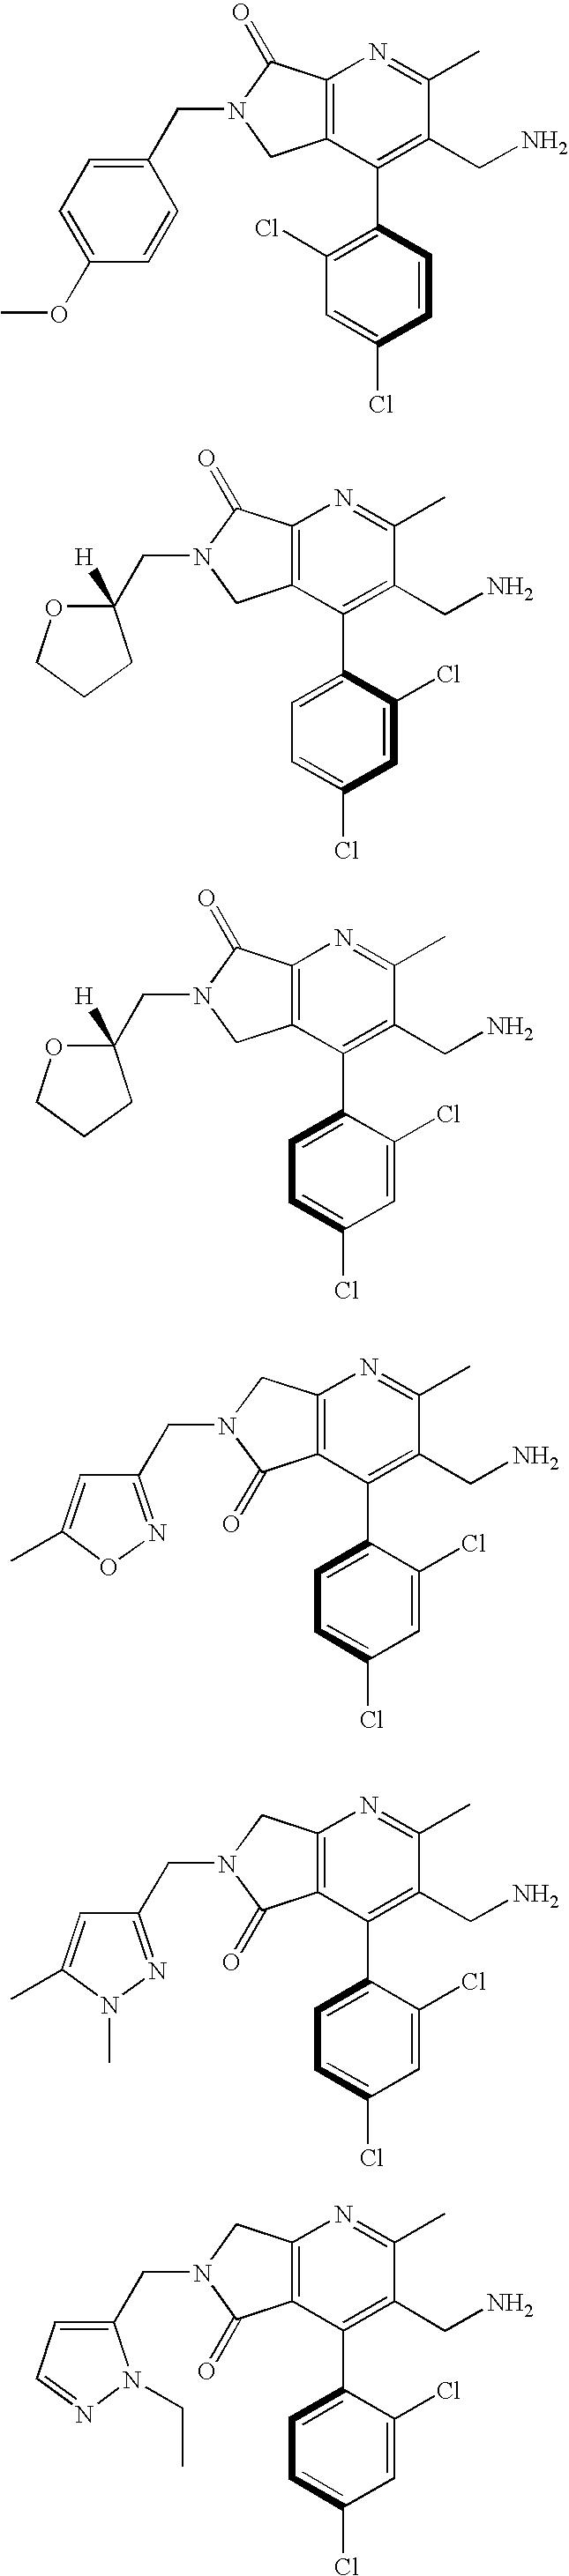 Figure US07521557-20090421-C00022